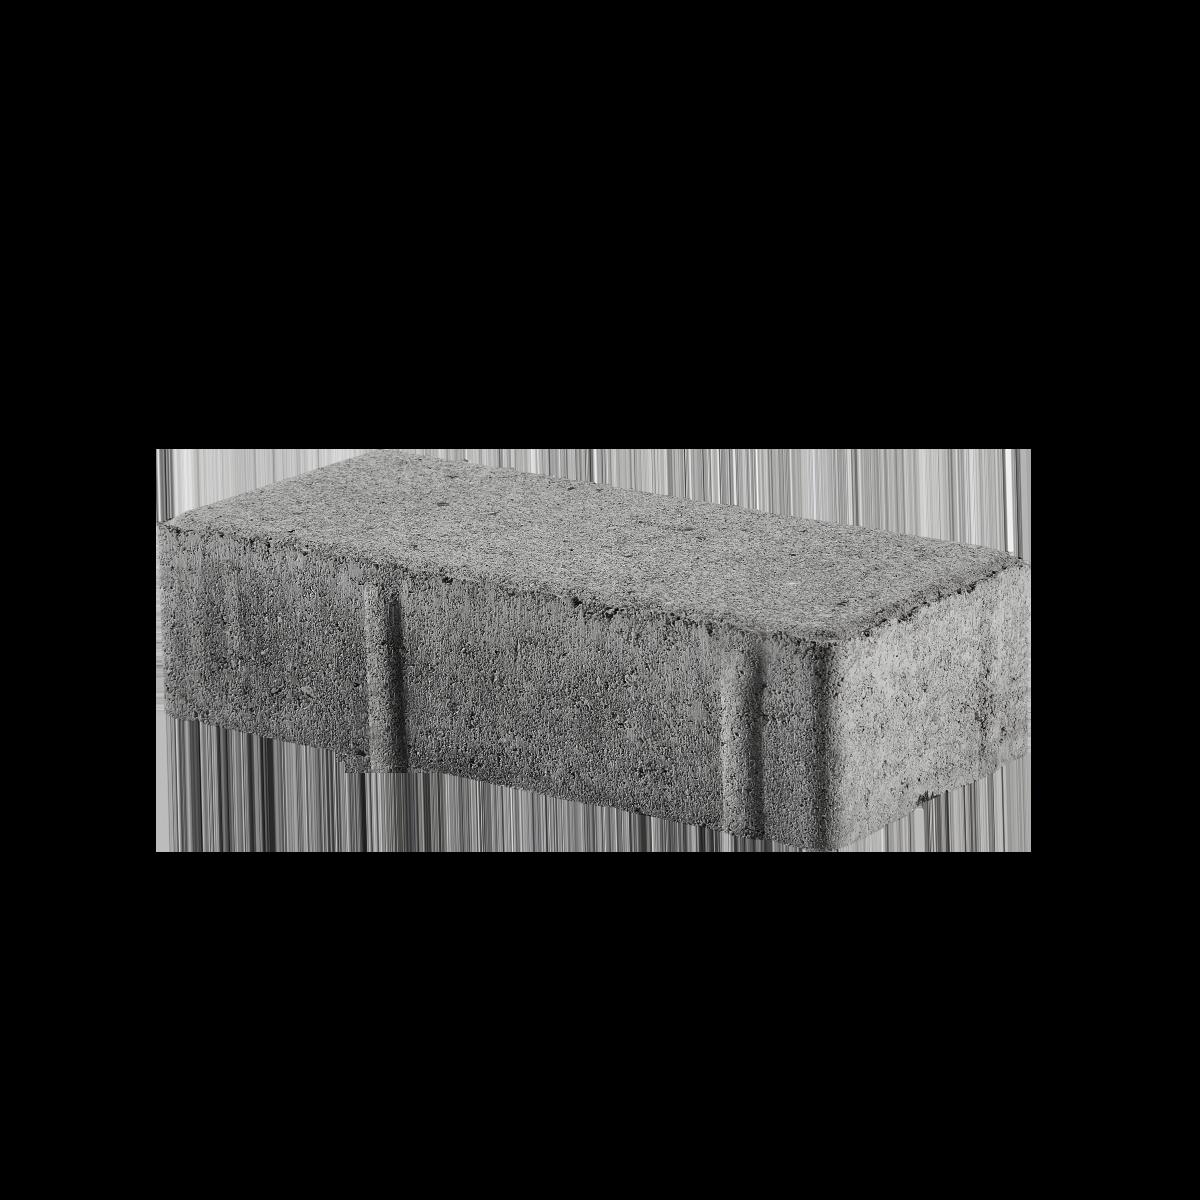 Modulserien 10x30x6 cm Sort/Antracit Normalsten